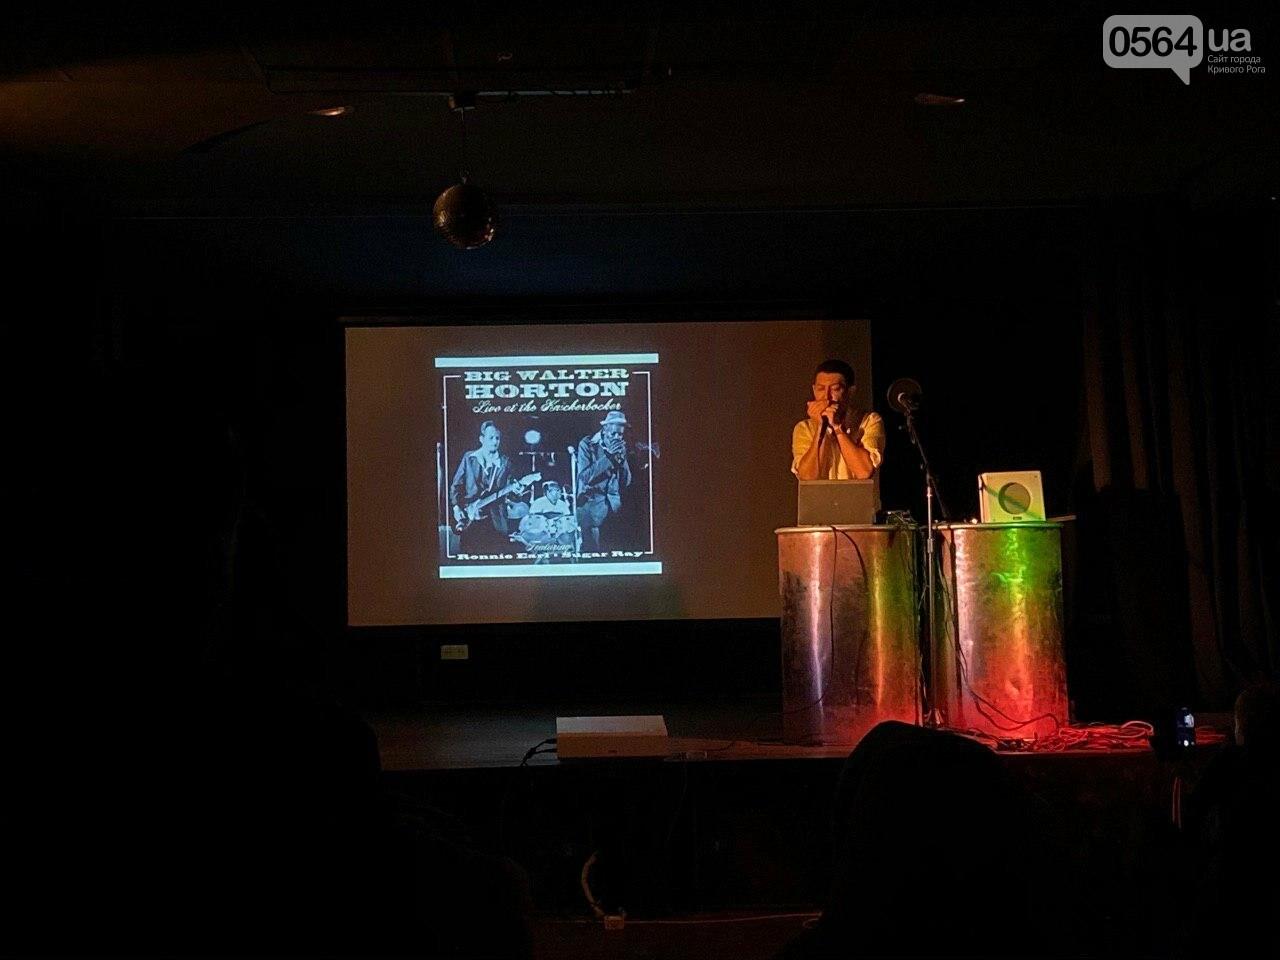 Криворожане слушали блюз на губной гармошке в исполнении своего земляка, - ФОТО, ВИДЕО , фото-19